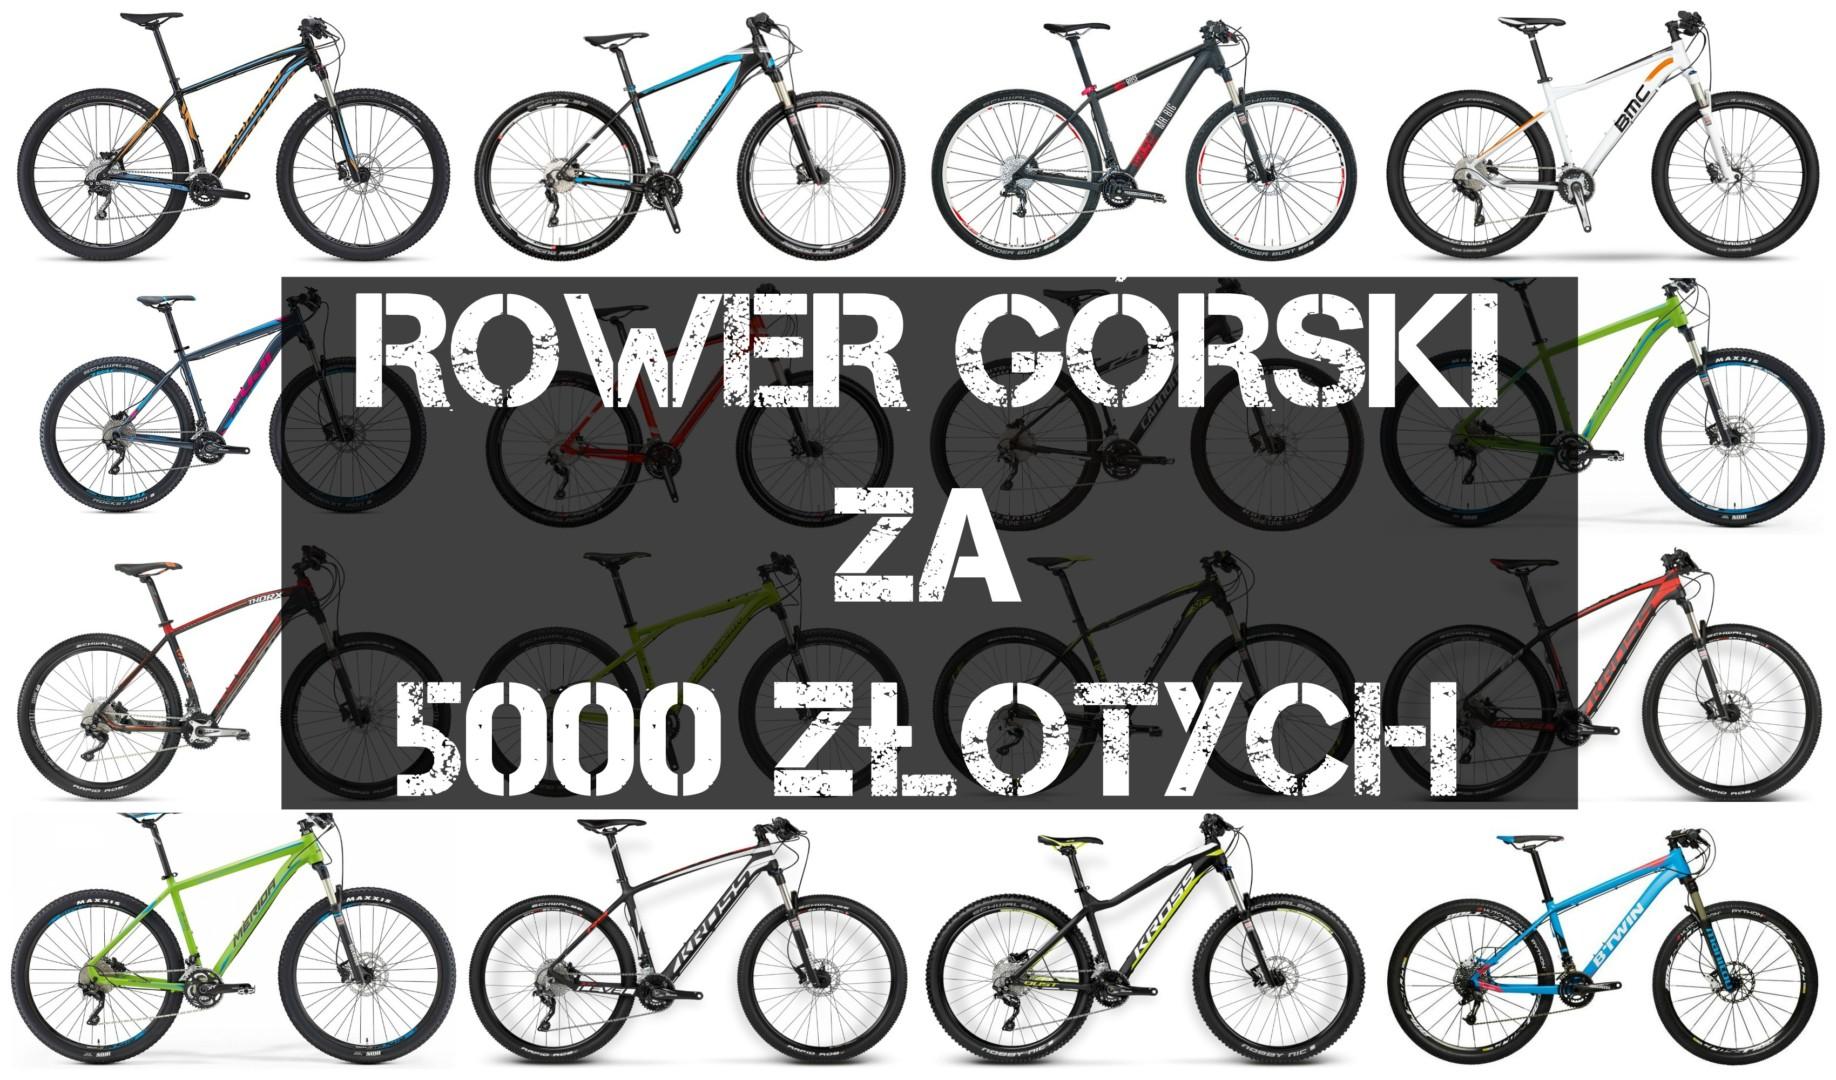 Rower górski HT do 5 tys PLN [zestawienie]